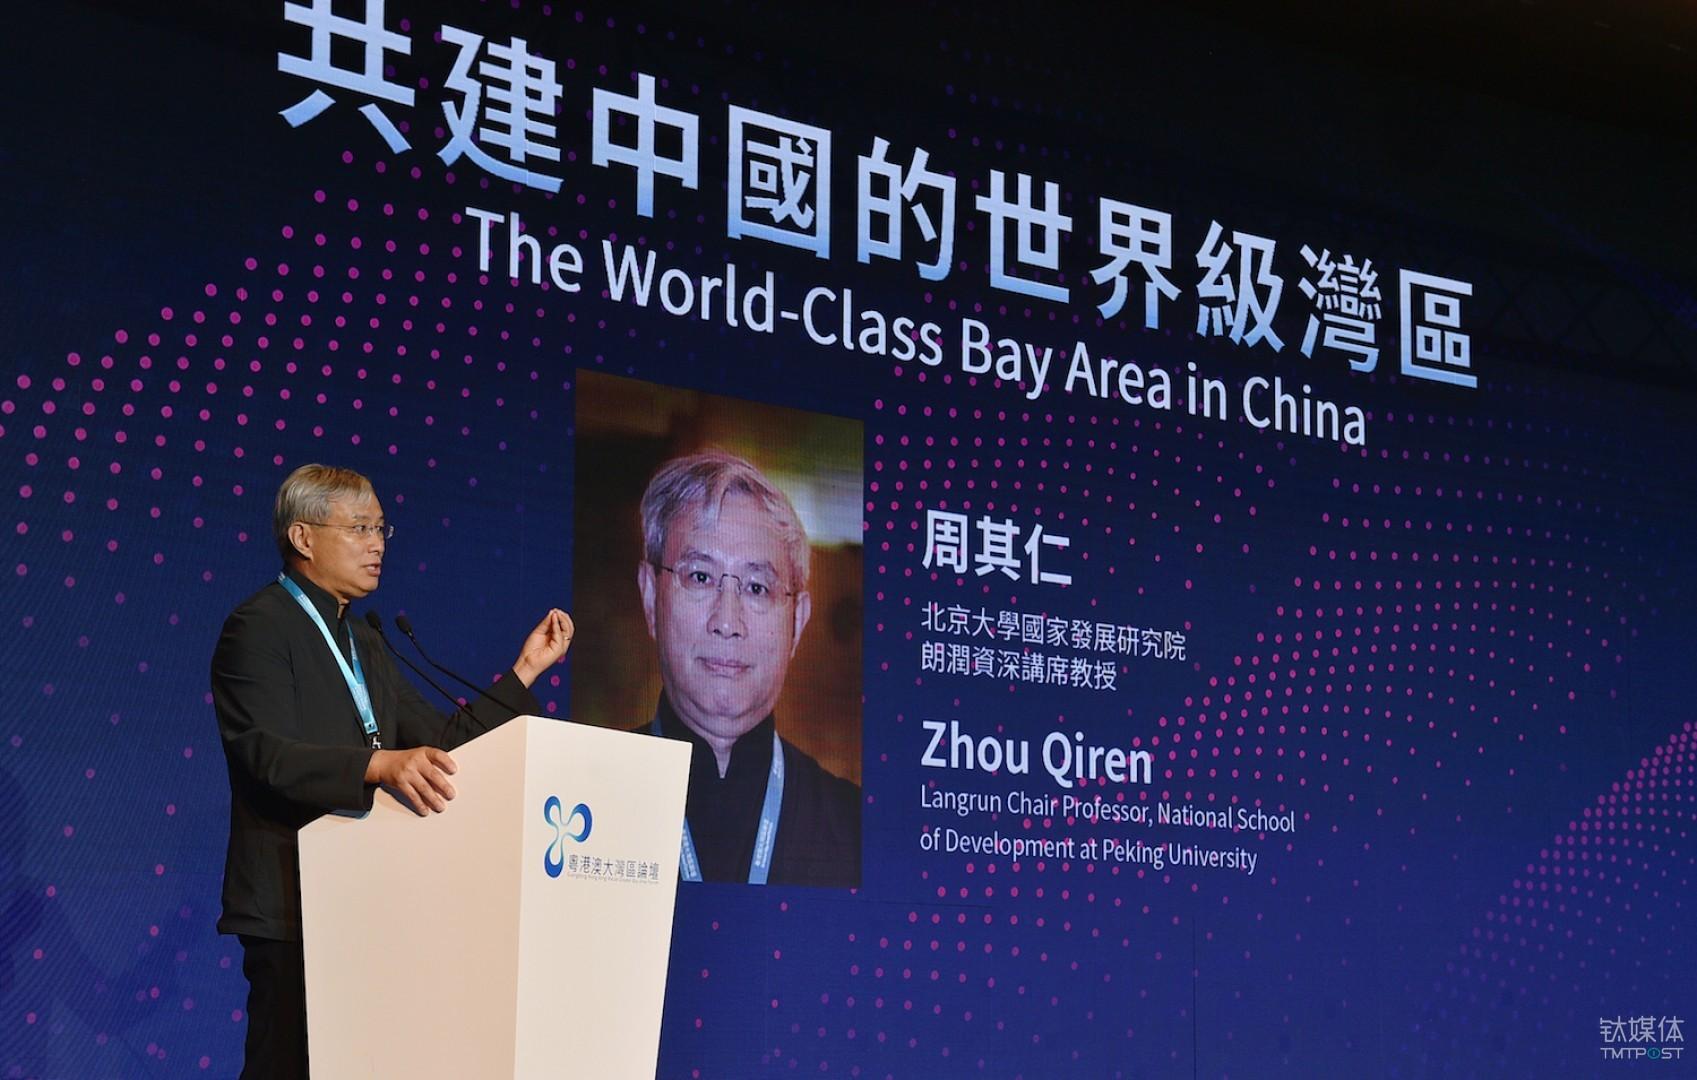 Zhou Qiren